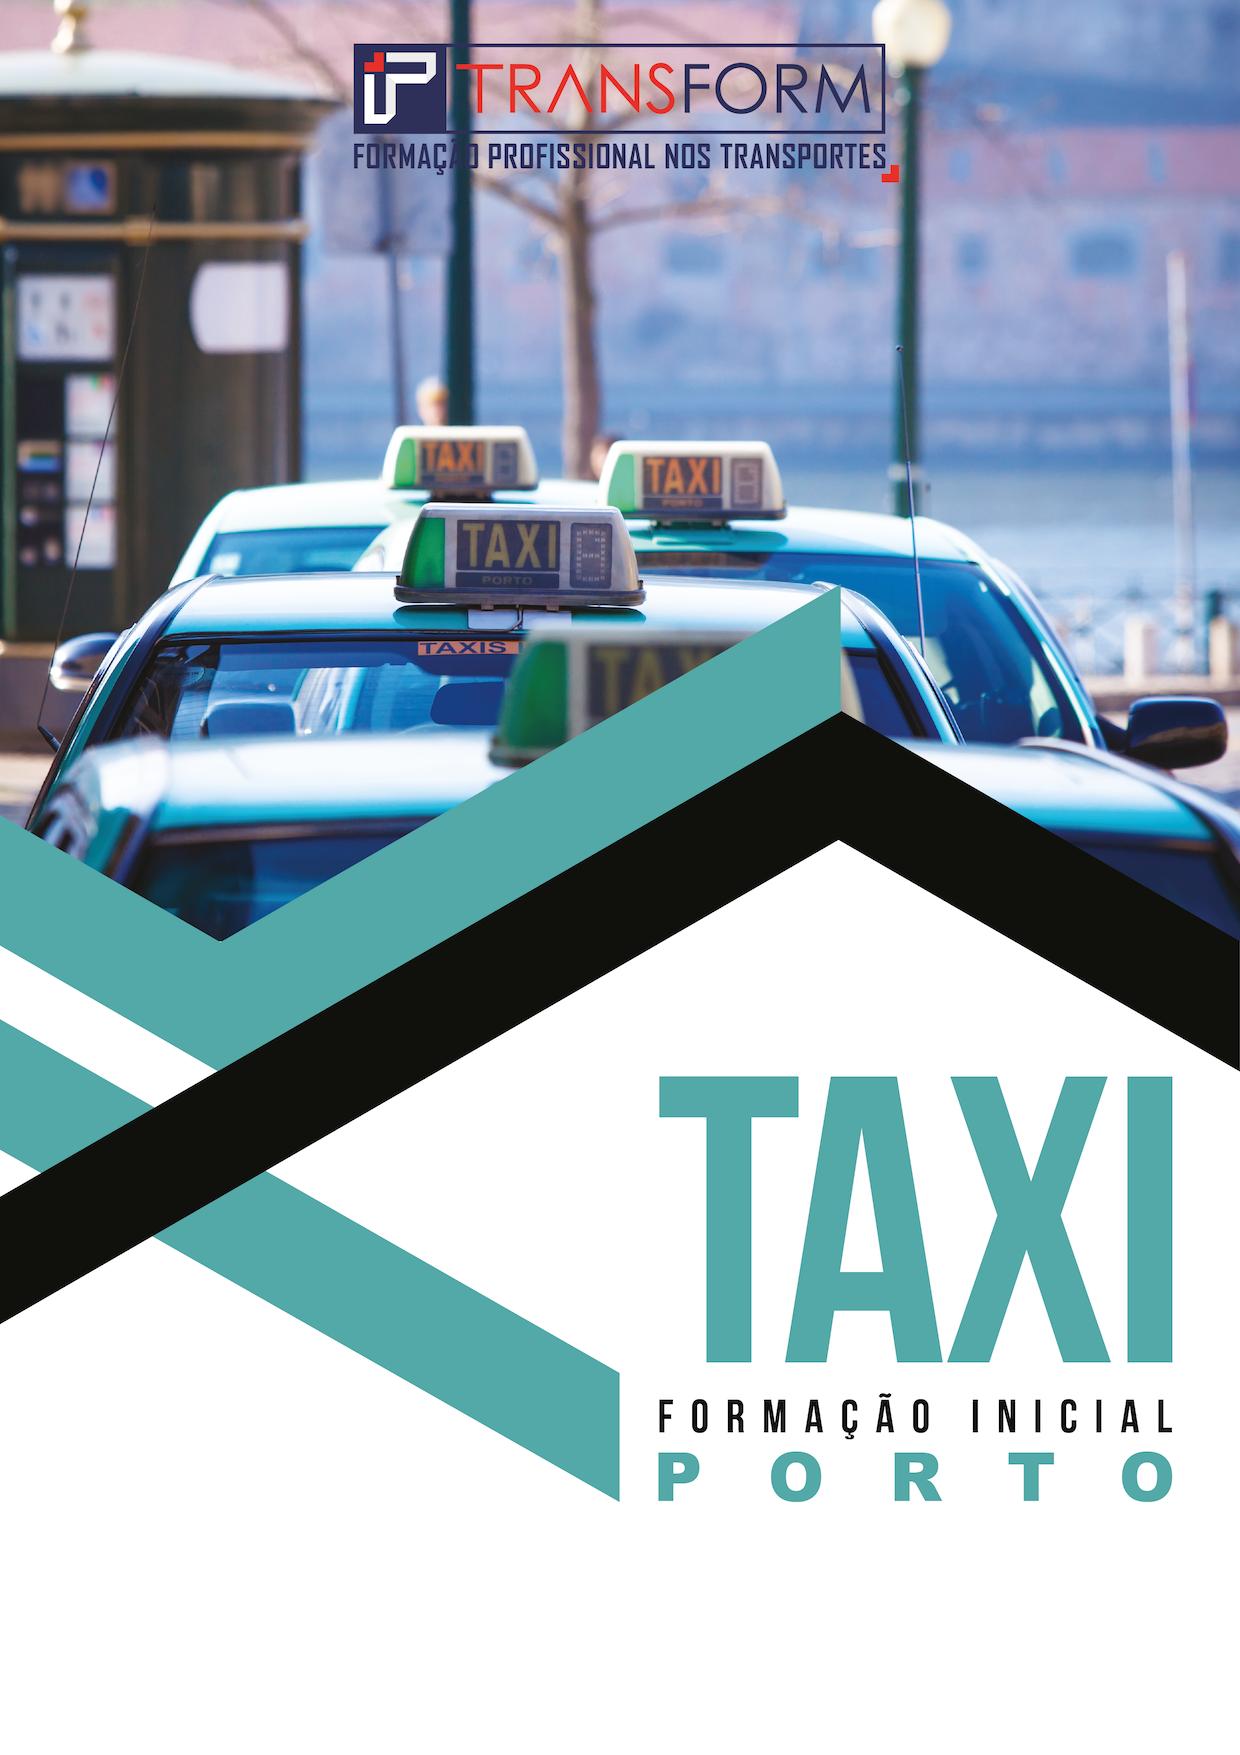 CMT - Certificado de Motorista de Táxi - Formação Inicial 01/20